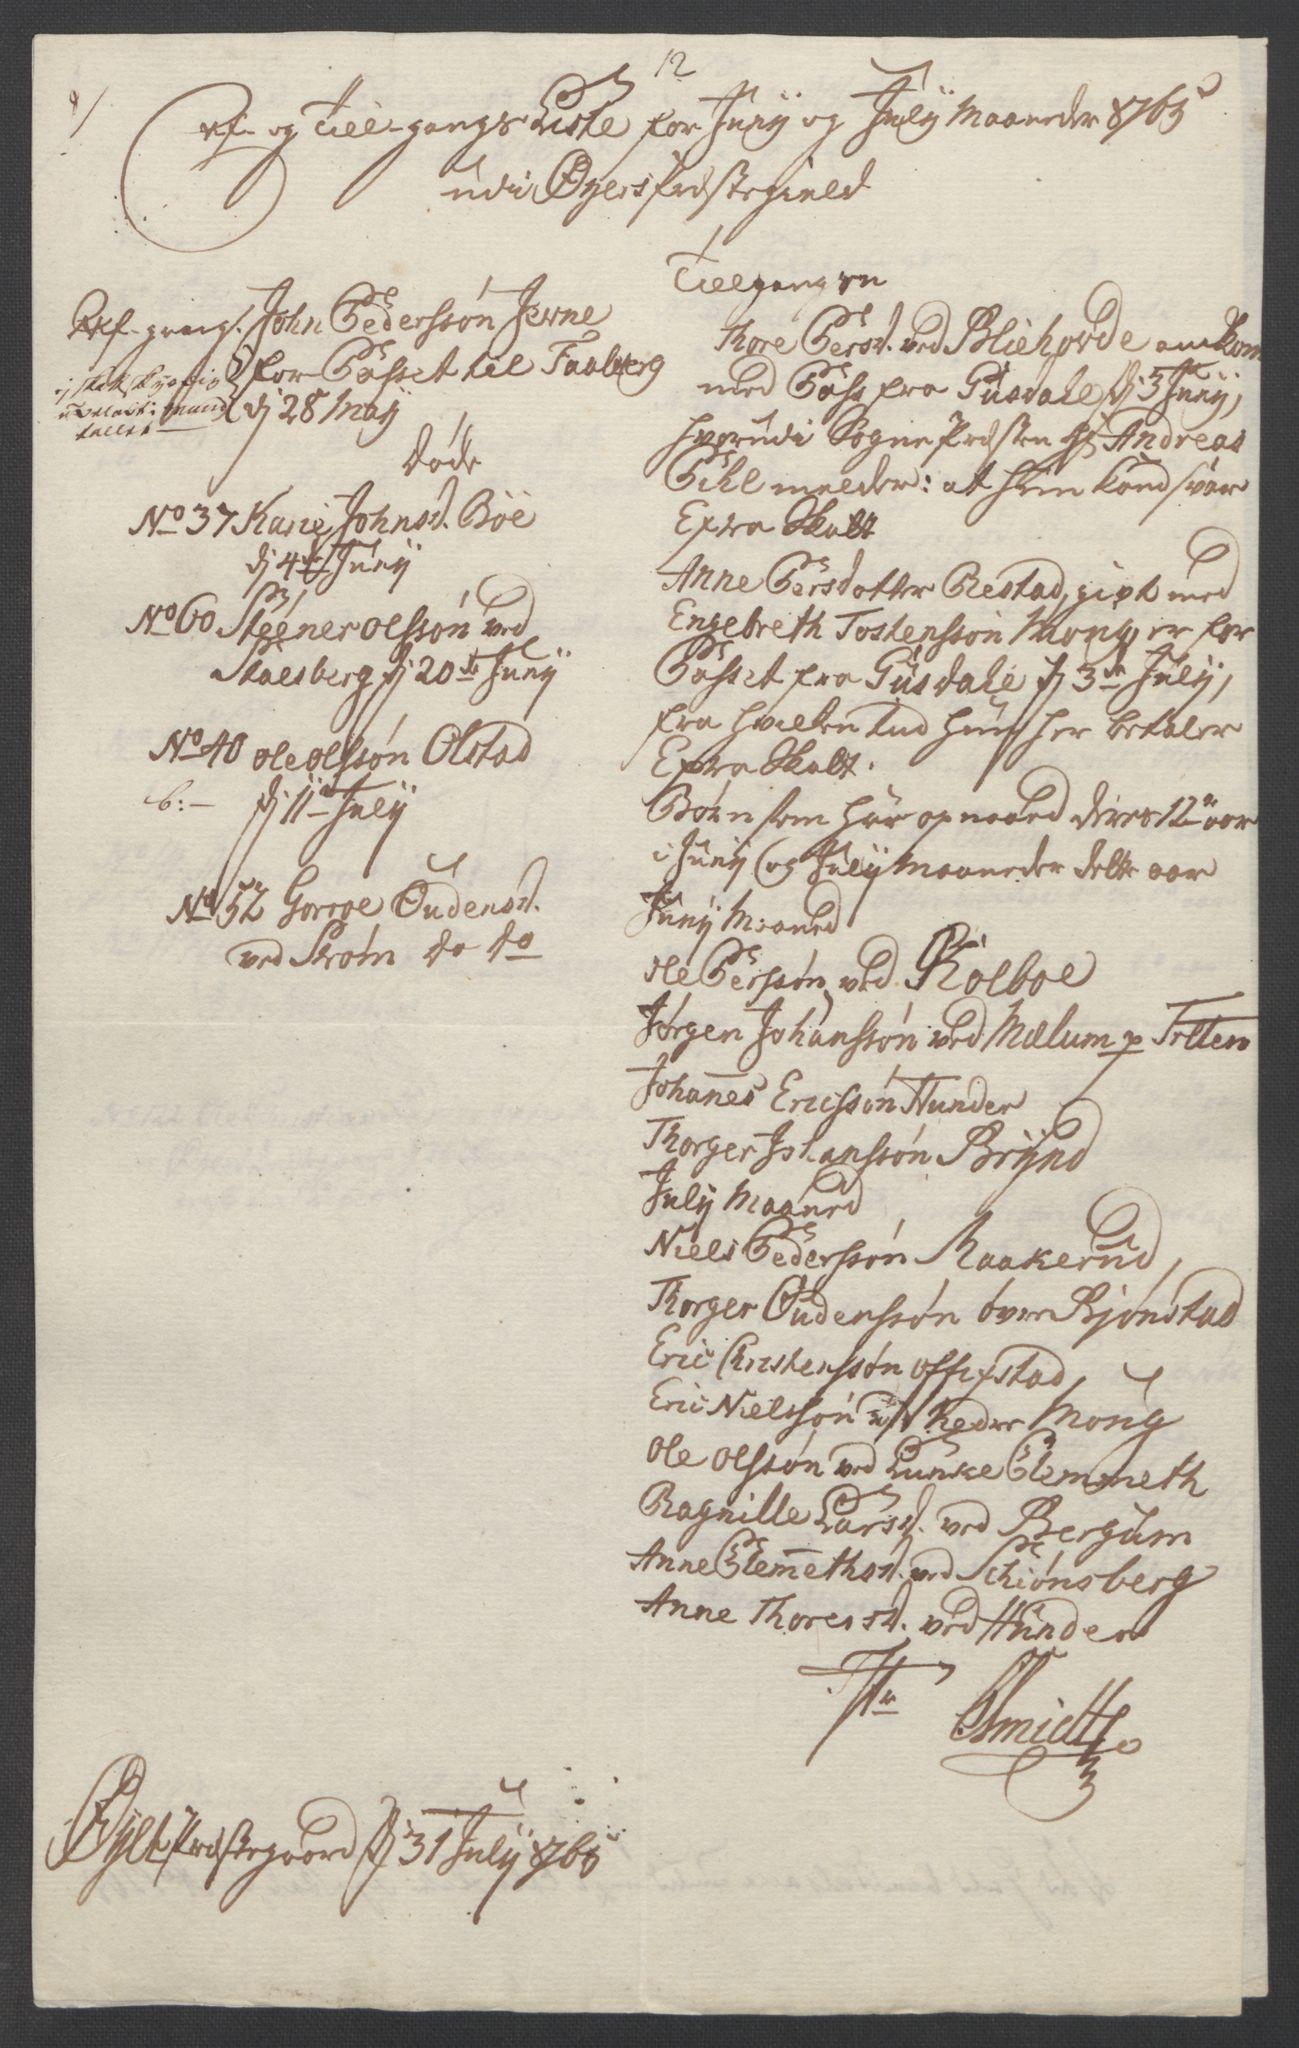 RA, Rentekammeret inntil 1814, Reviderte regnskaper, Fogderegnskap, R17/L1266: Ekstraskatten Gudbrandsdal, 1762-1766, s. 499